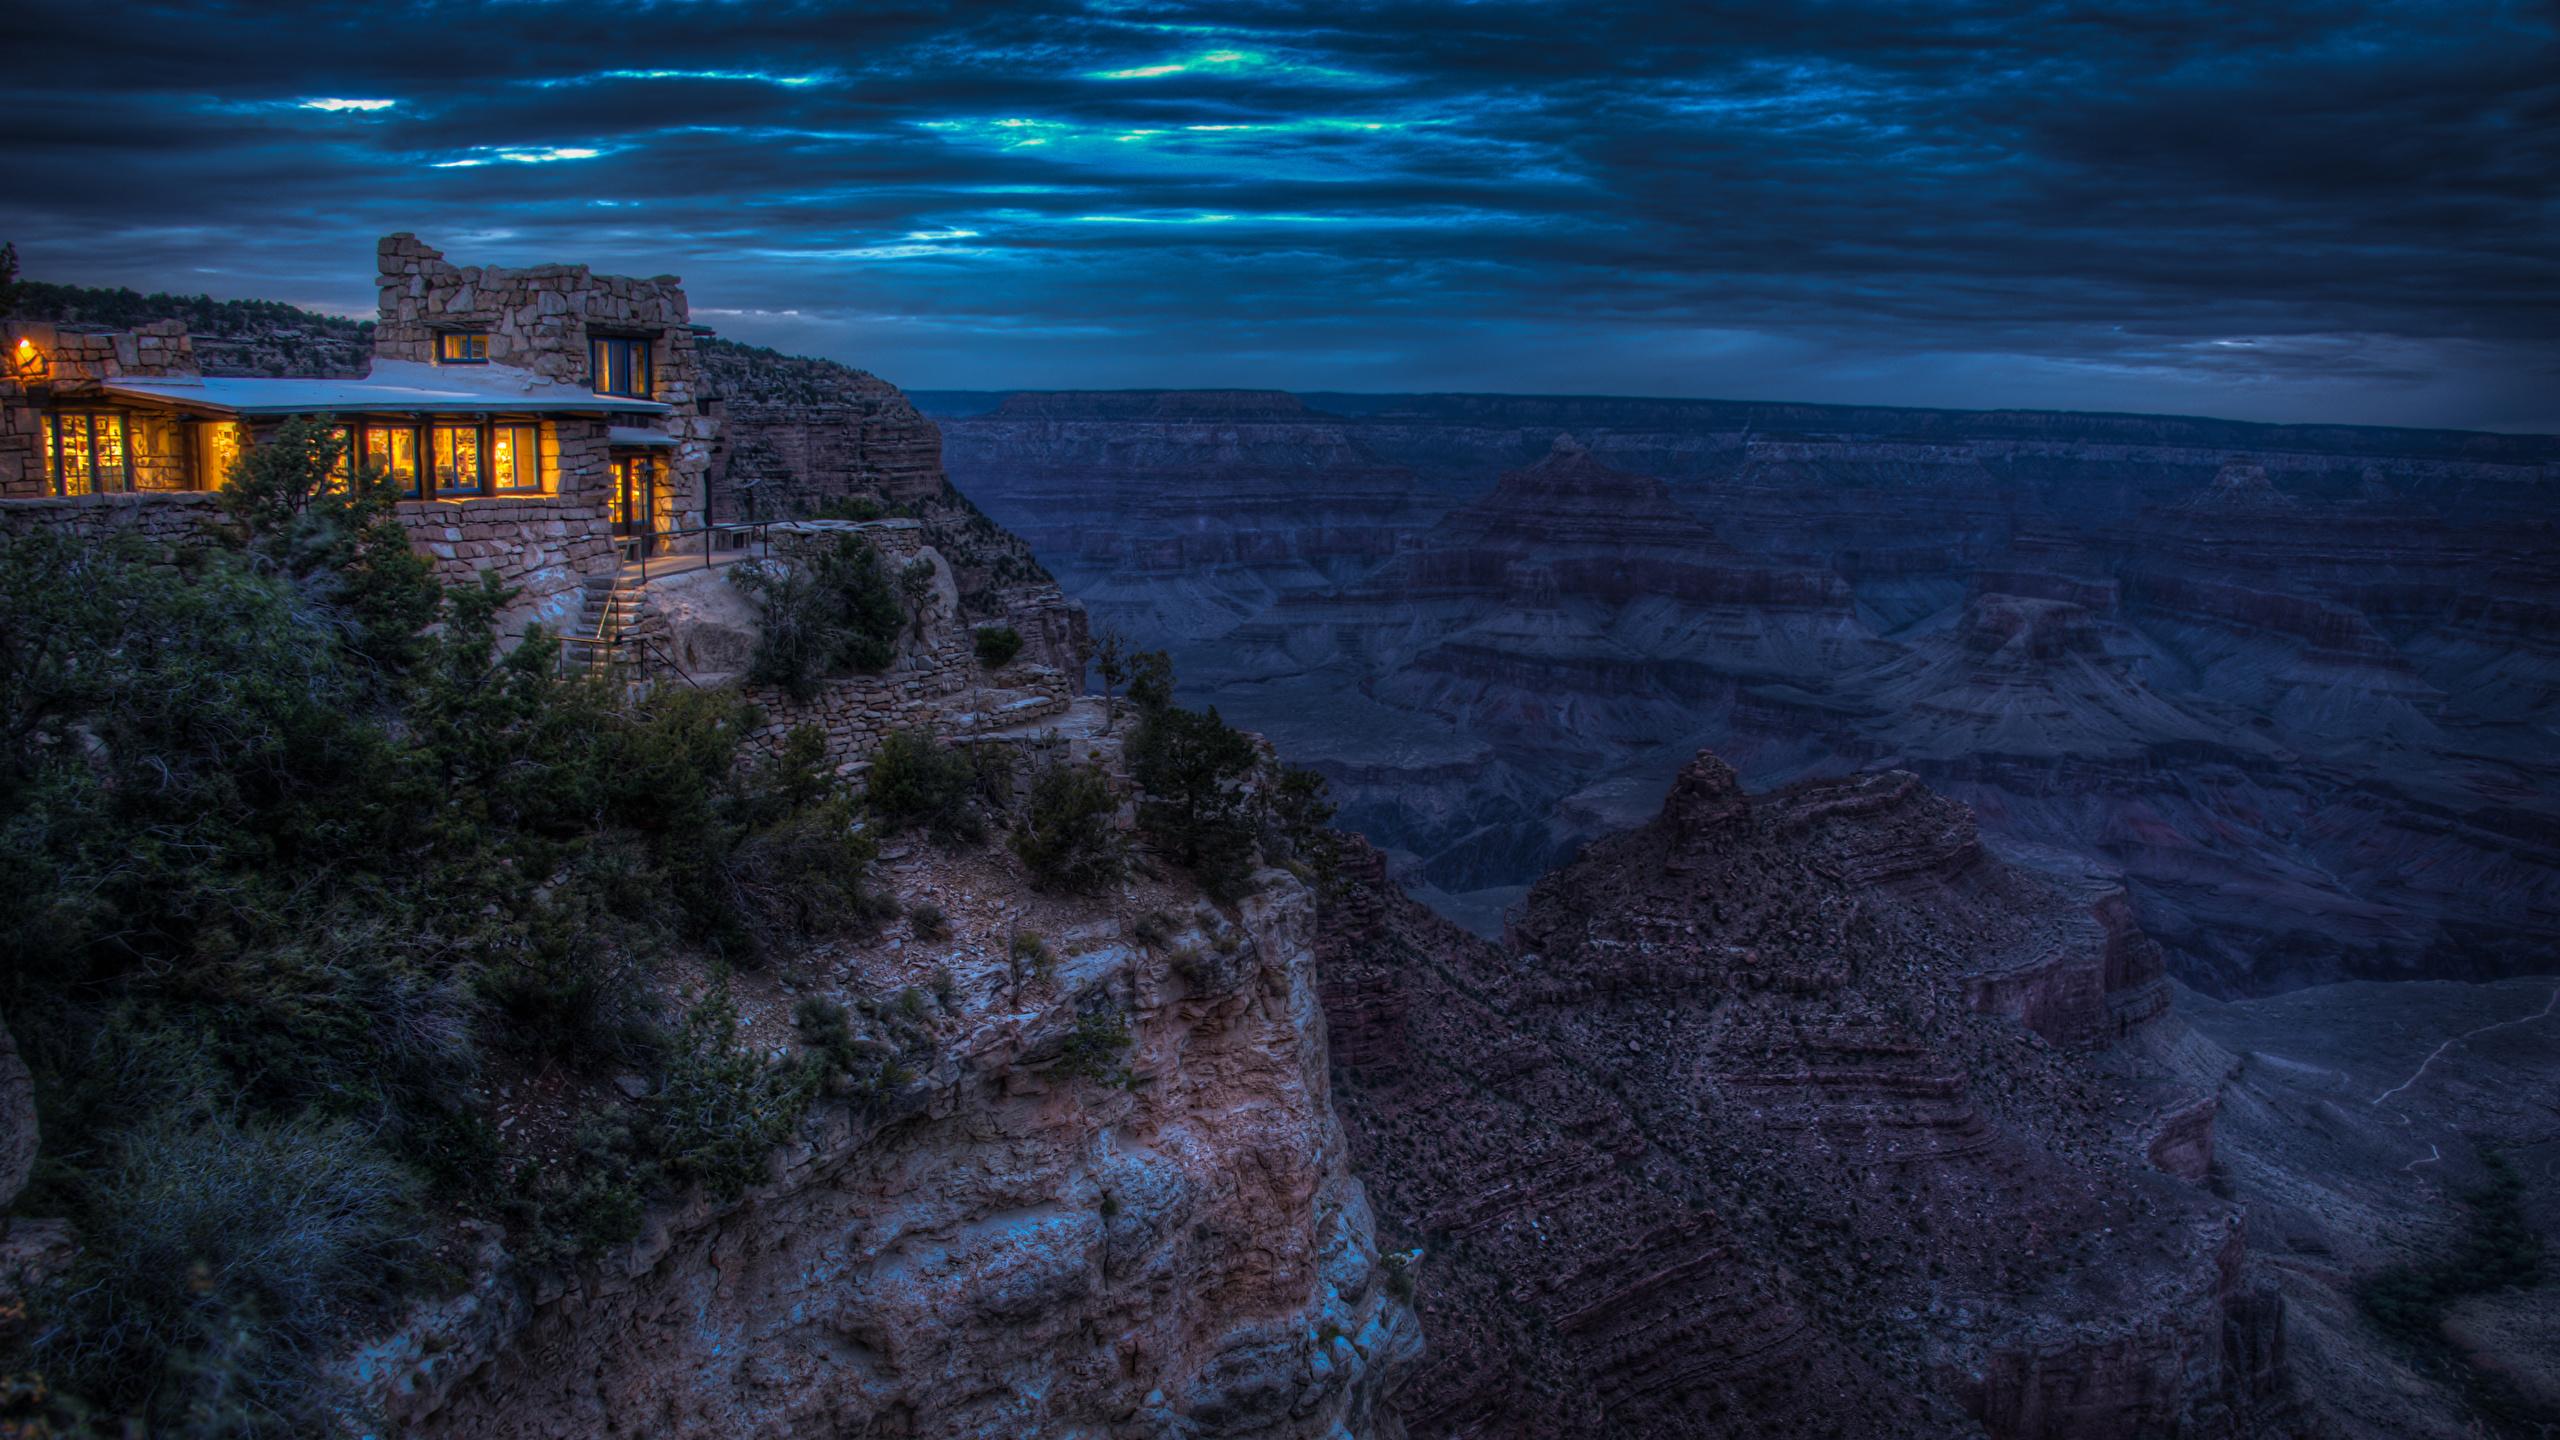 Фотографии Гранд-Каньон парк Горы скале Природа парк Вечер Дома 2560x1440 гора Утес скалы Скала Парки Здания